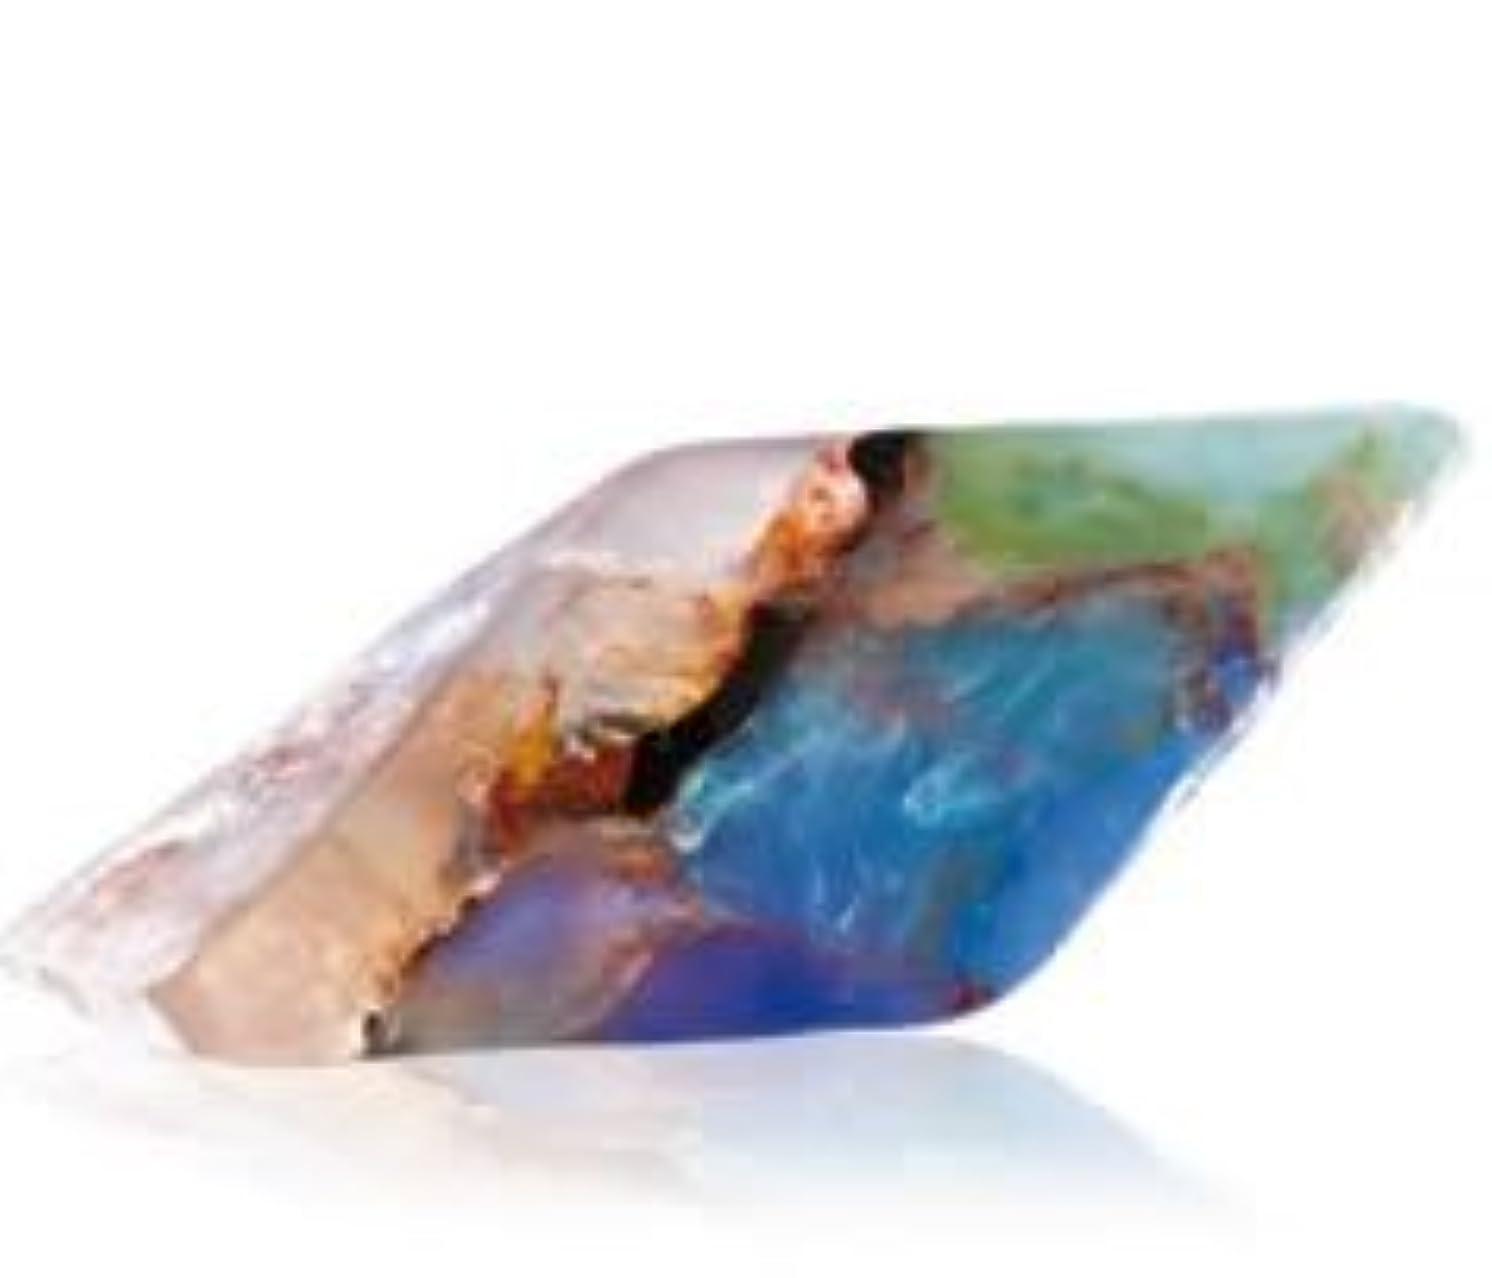 文句を言うおとこ式Savons Gemme サボンジェム 世界で一番美しい宝石石鹸 フレグランスソープ ブラックオパール 170g